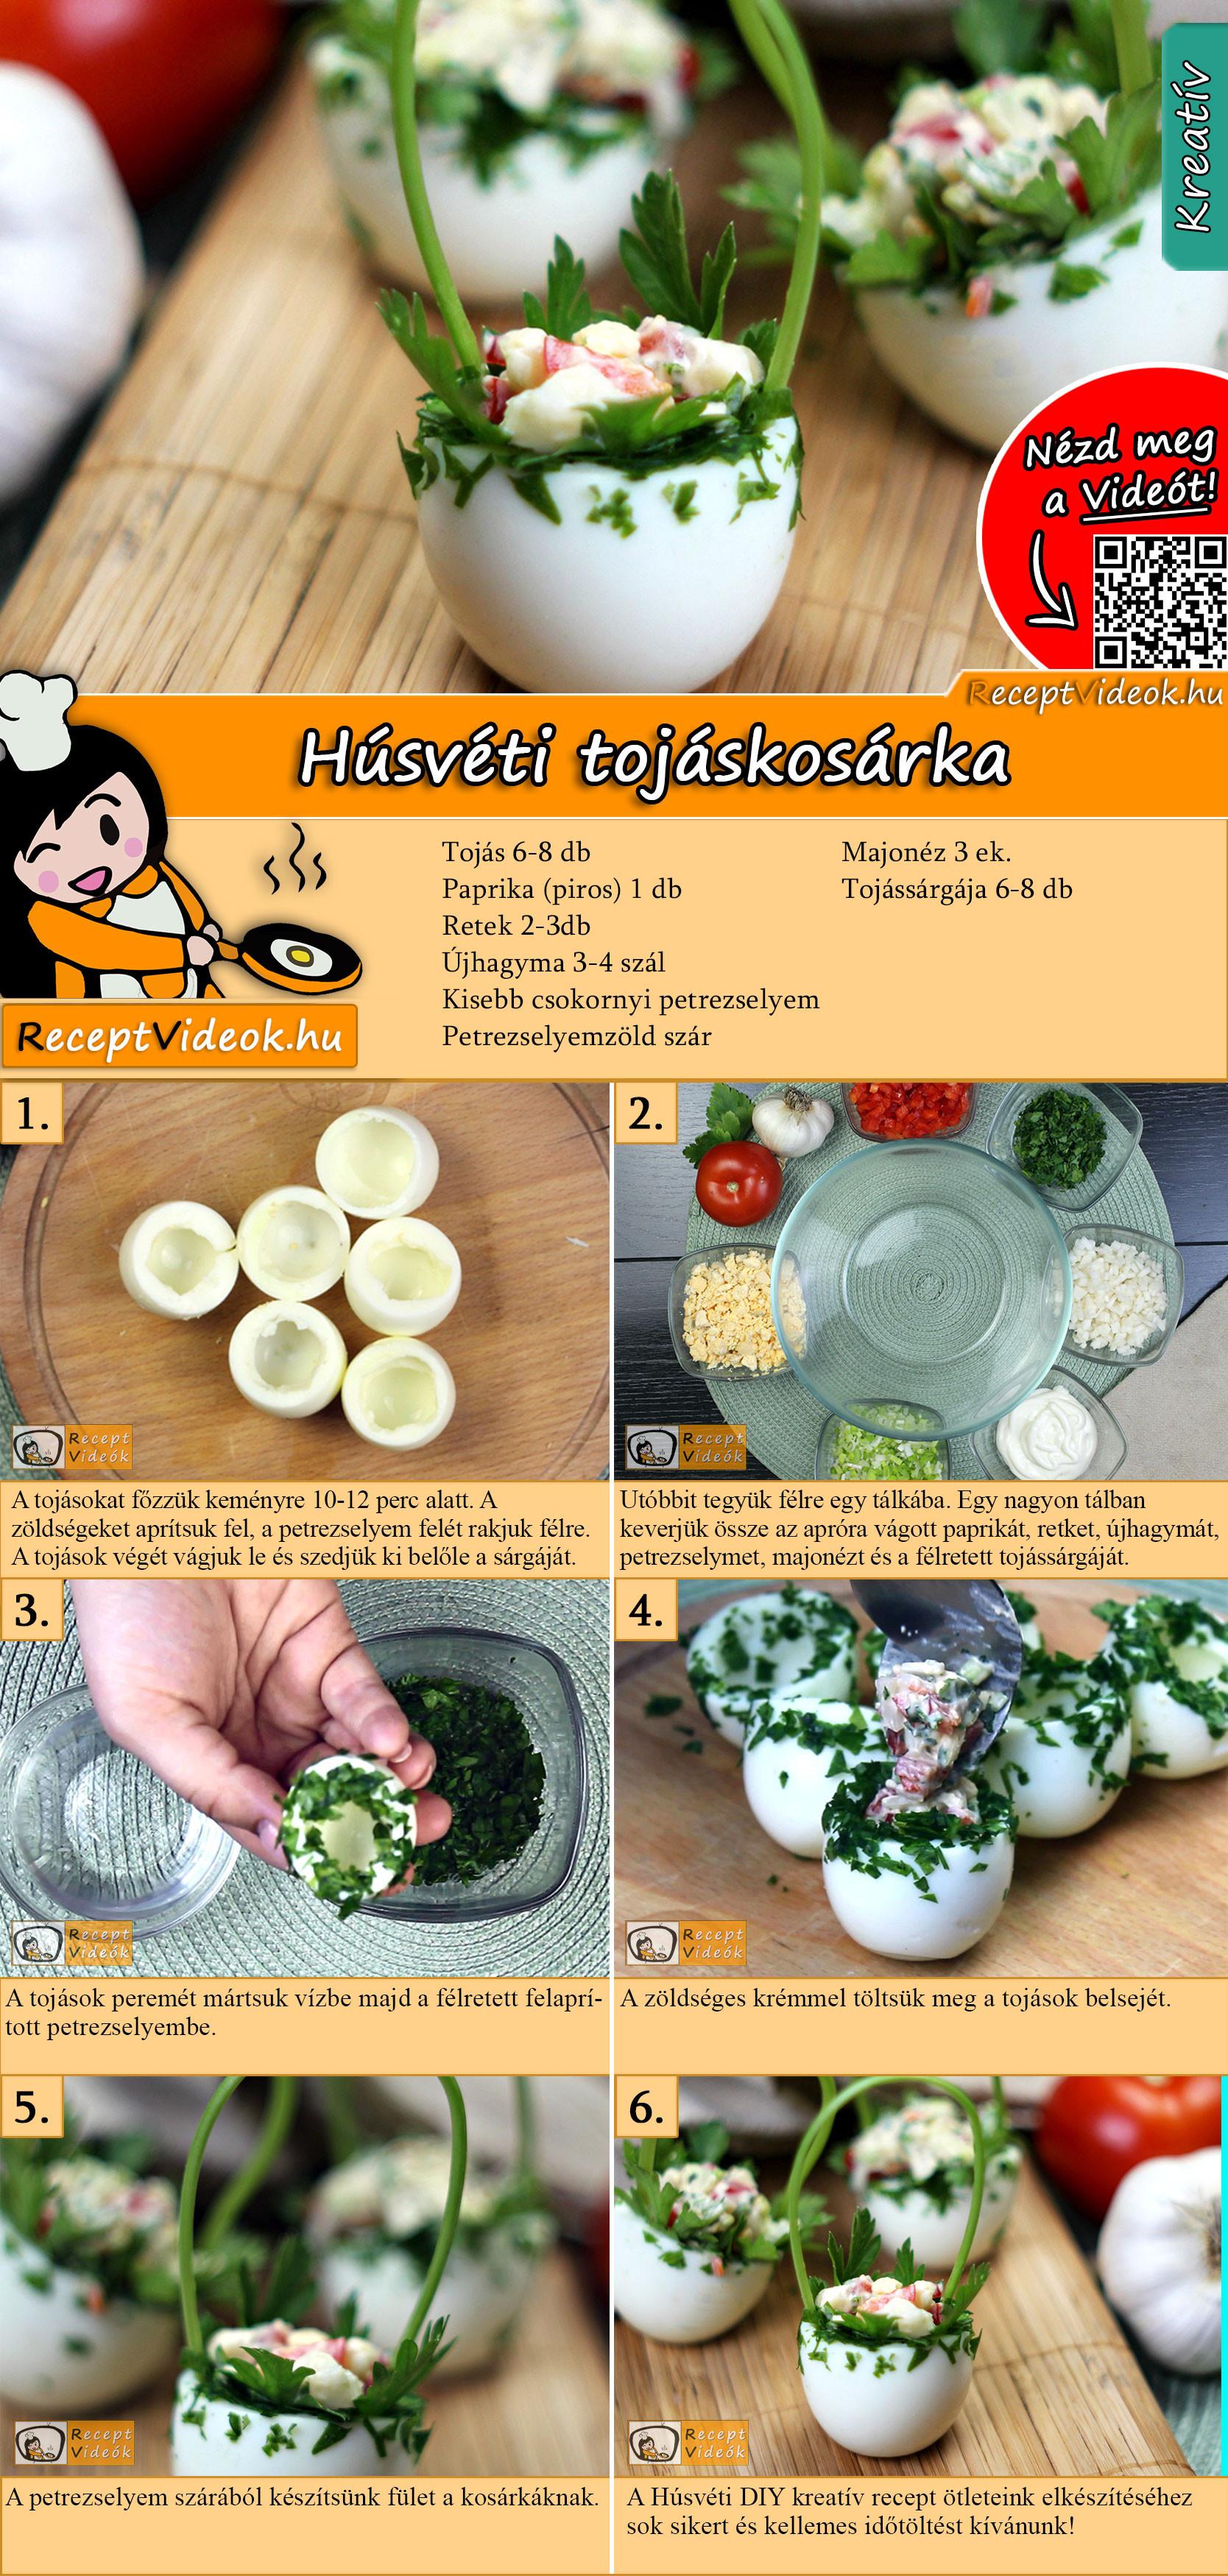 Húsvéti tojáskosárka recept elkészítése videóval